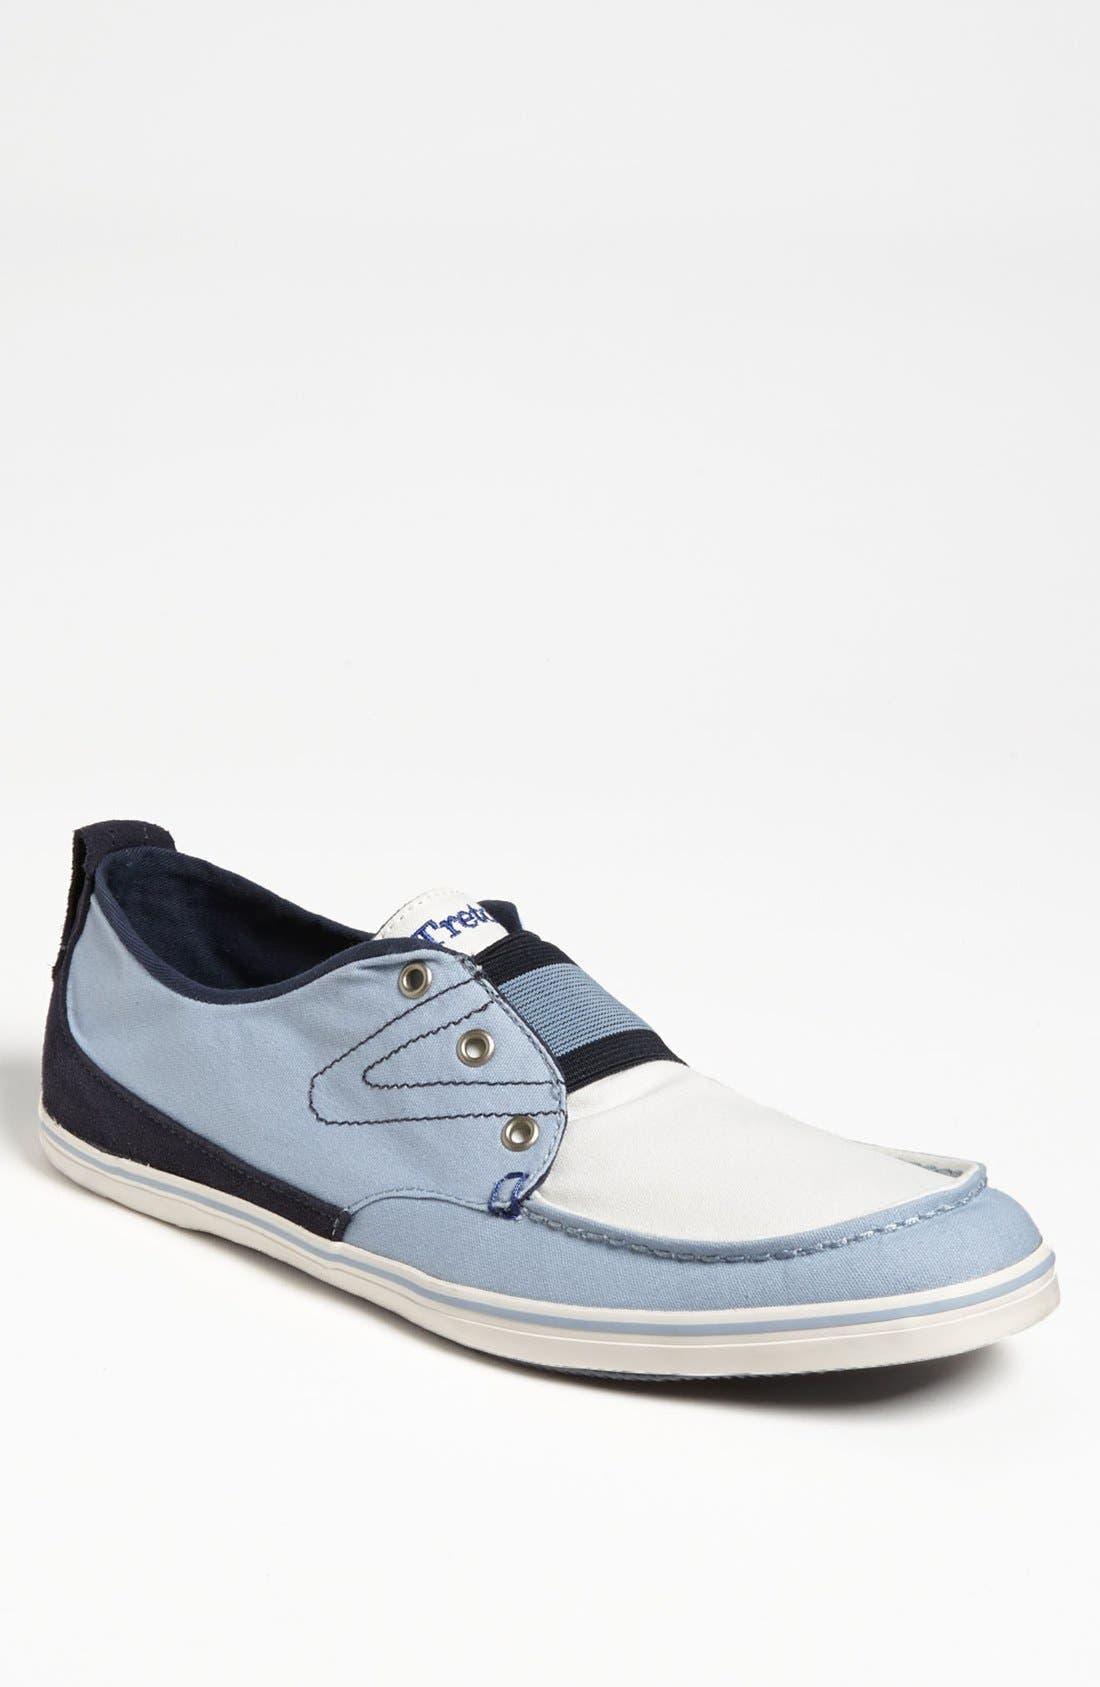 Alternate Image 1 Selected - Tretorn 'Utsjo' Sneaker (Men)